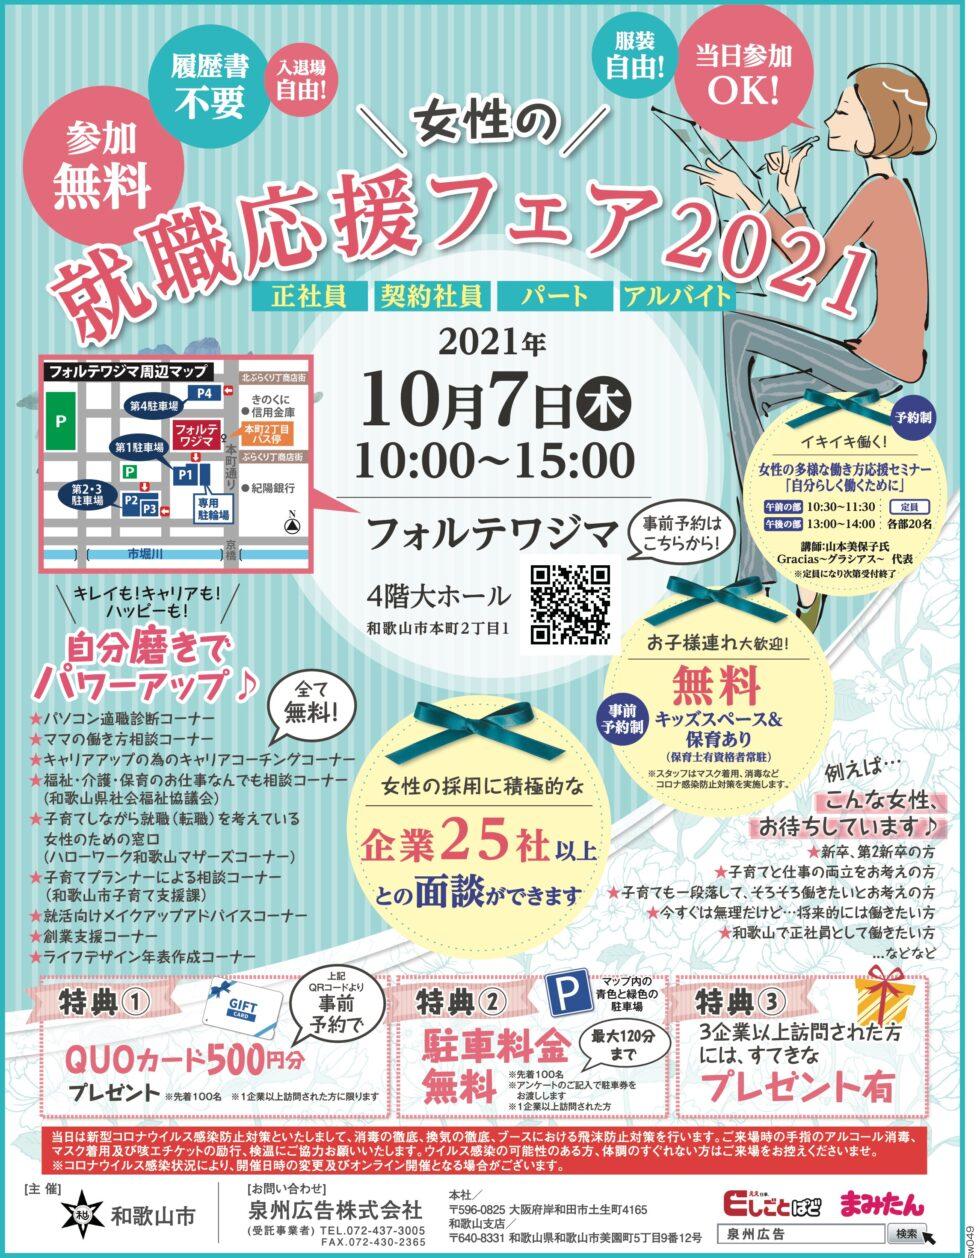 2021.10.7_女性の就職応援フェア2021 in 和歌山